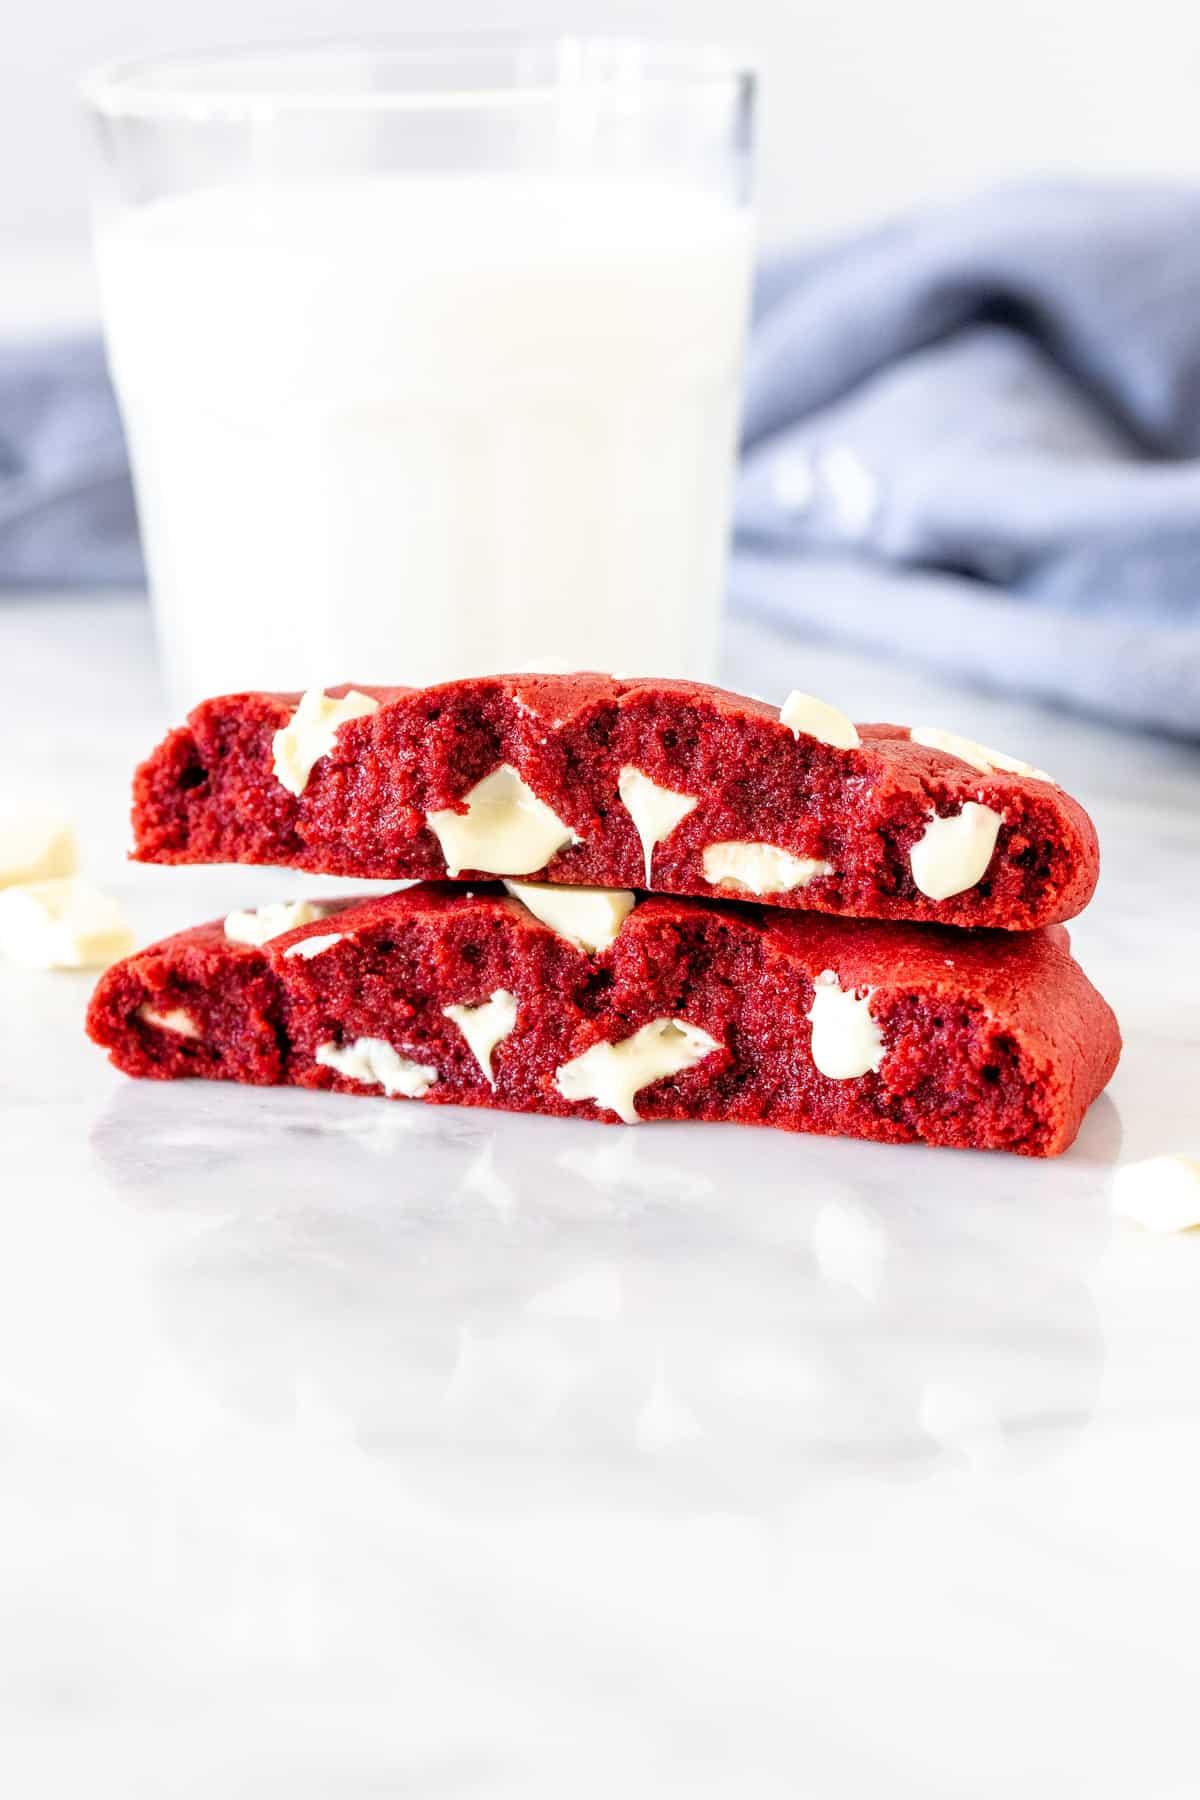 Red velvet cookie for one, broken in half